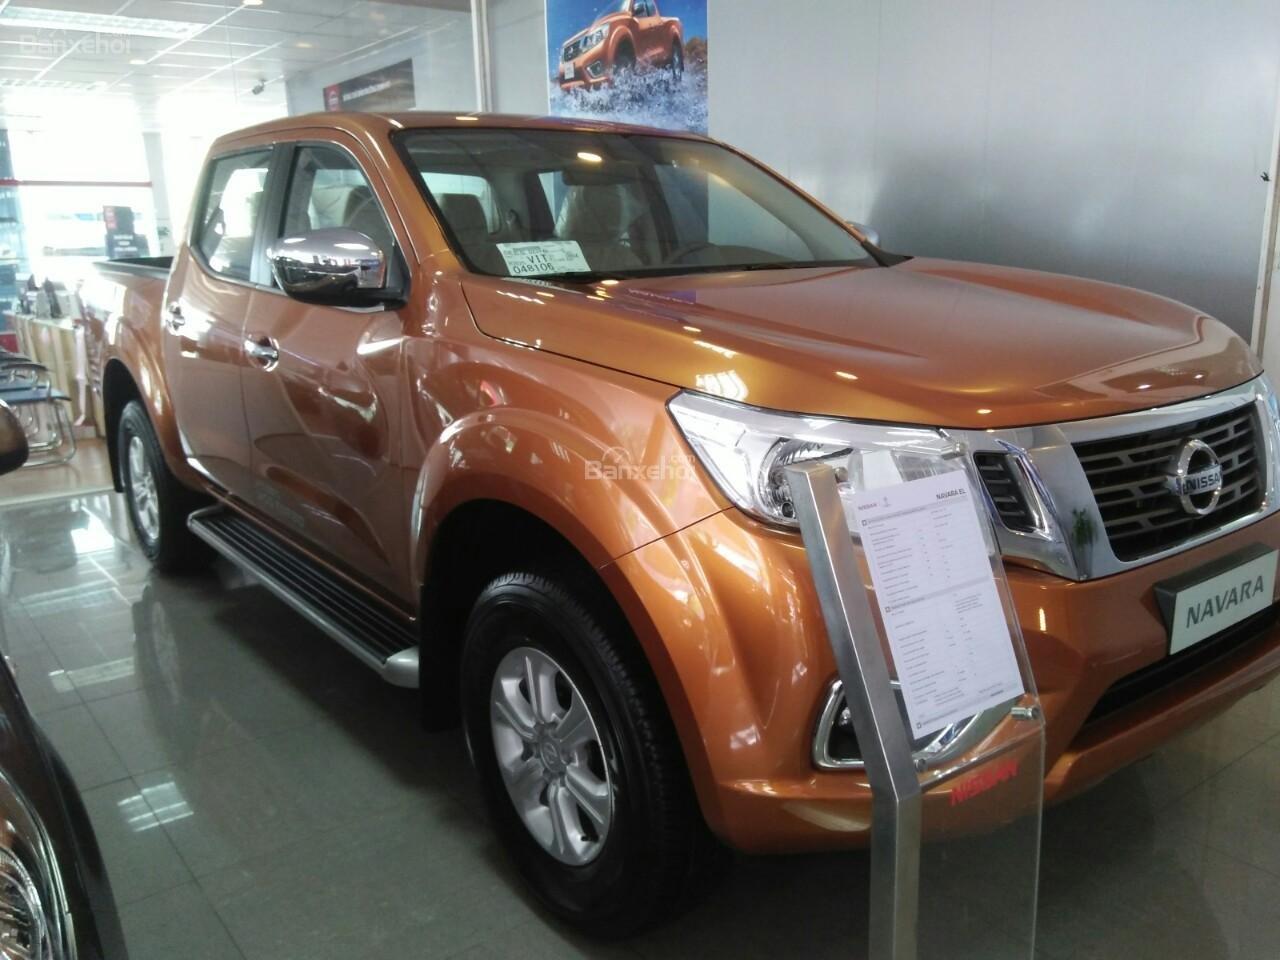 Bán xe Nissan Navara El full màu, giá ưu đãi cuối năm, hỗ trợ ngân hàng 80%, giao xe ngay-1